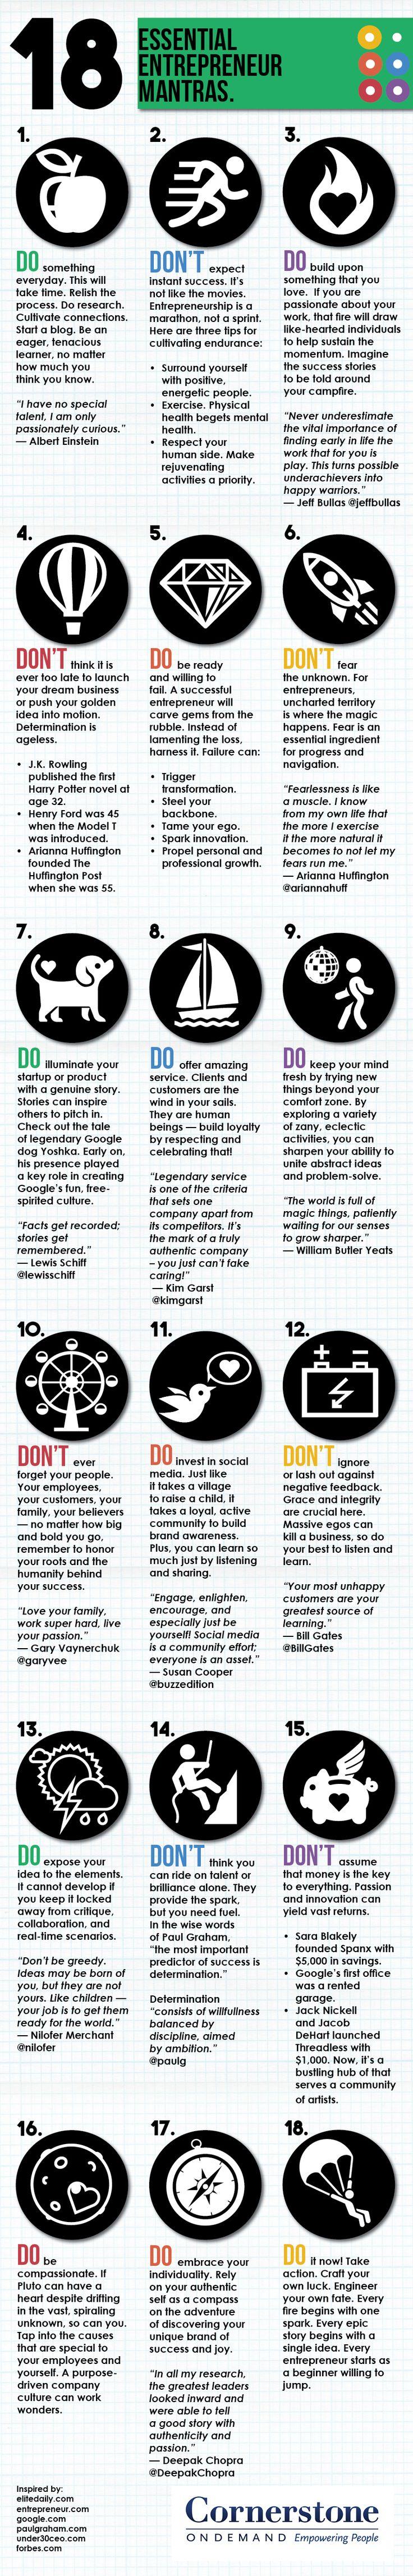 Business-Mantras-for-Entrepreneurs